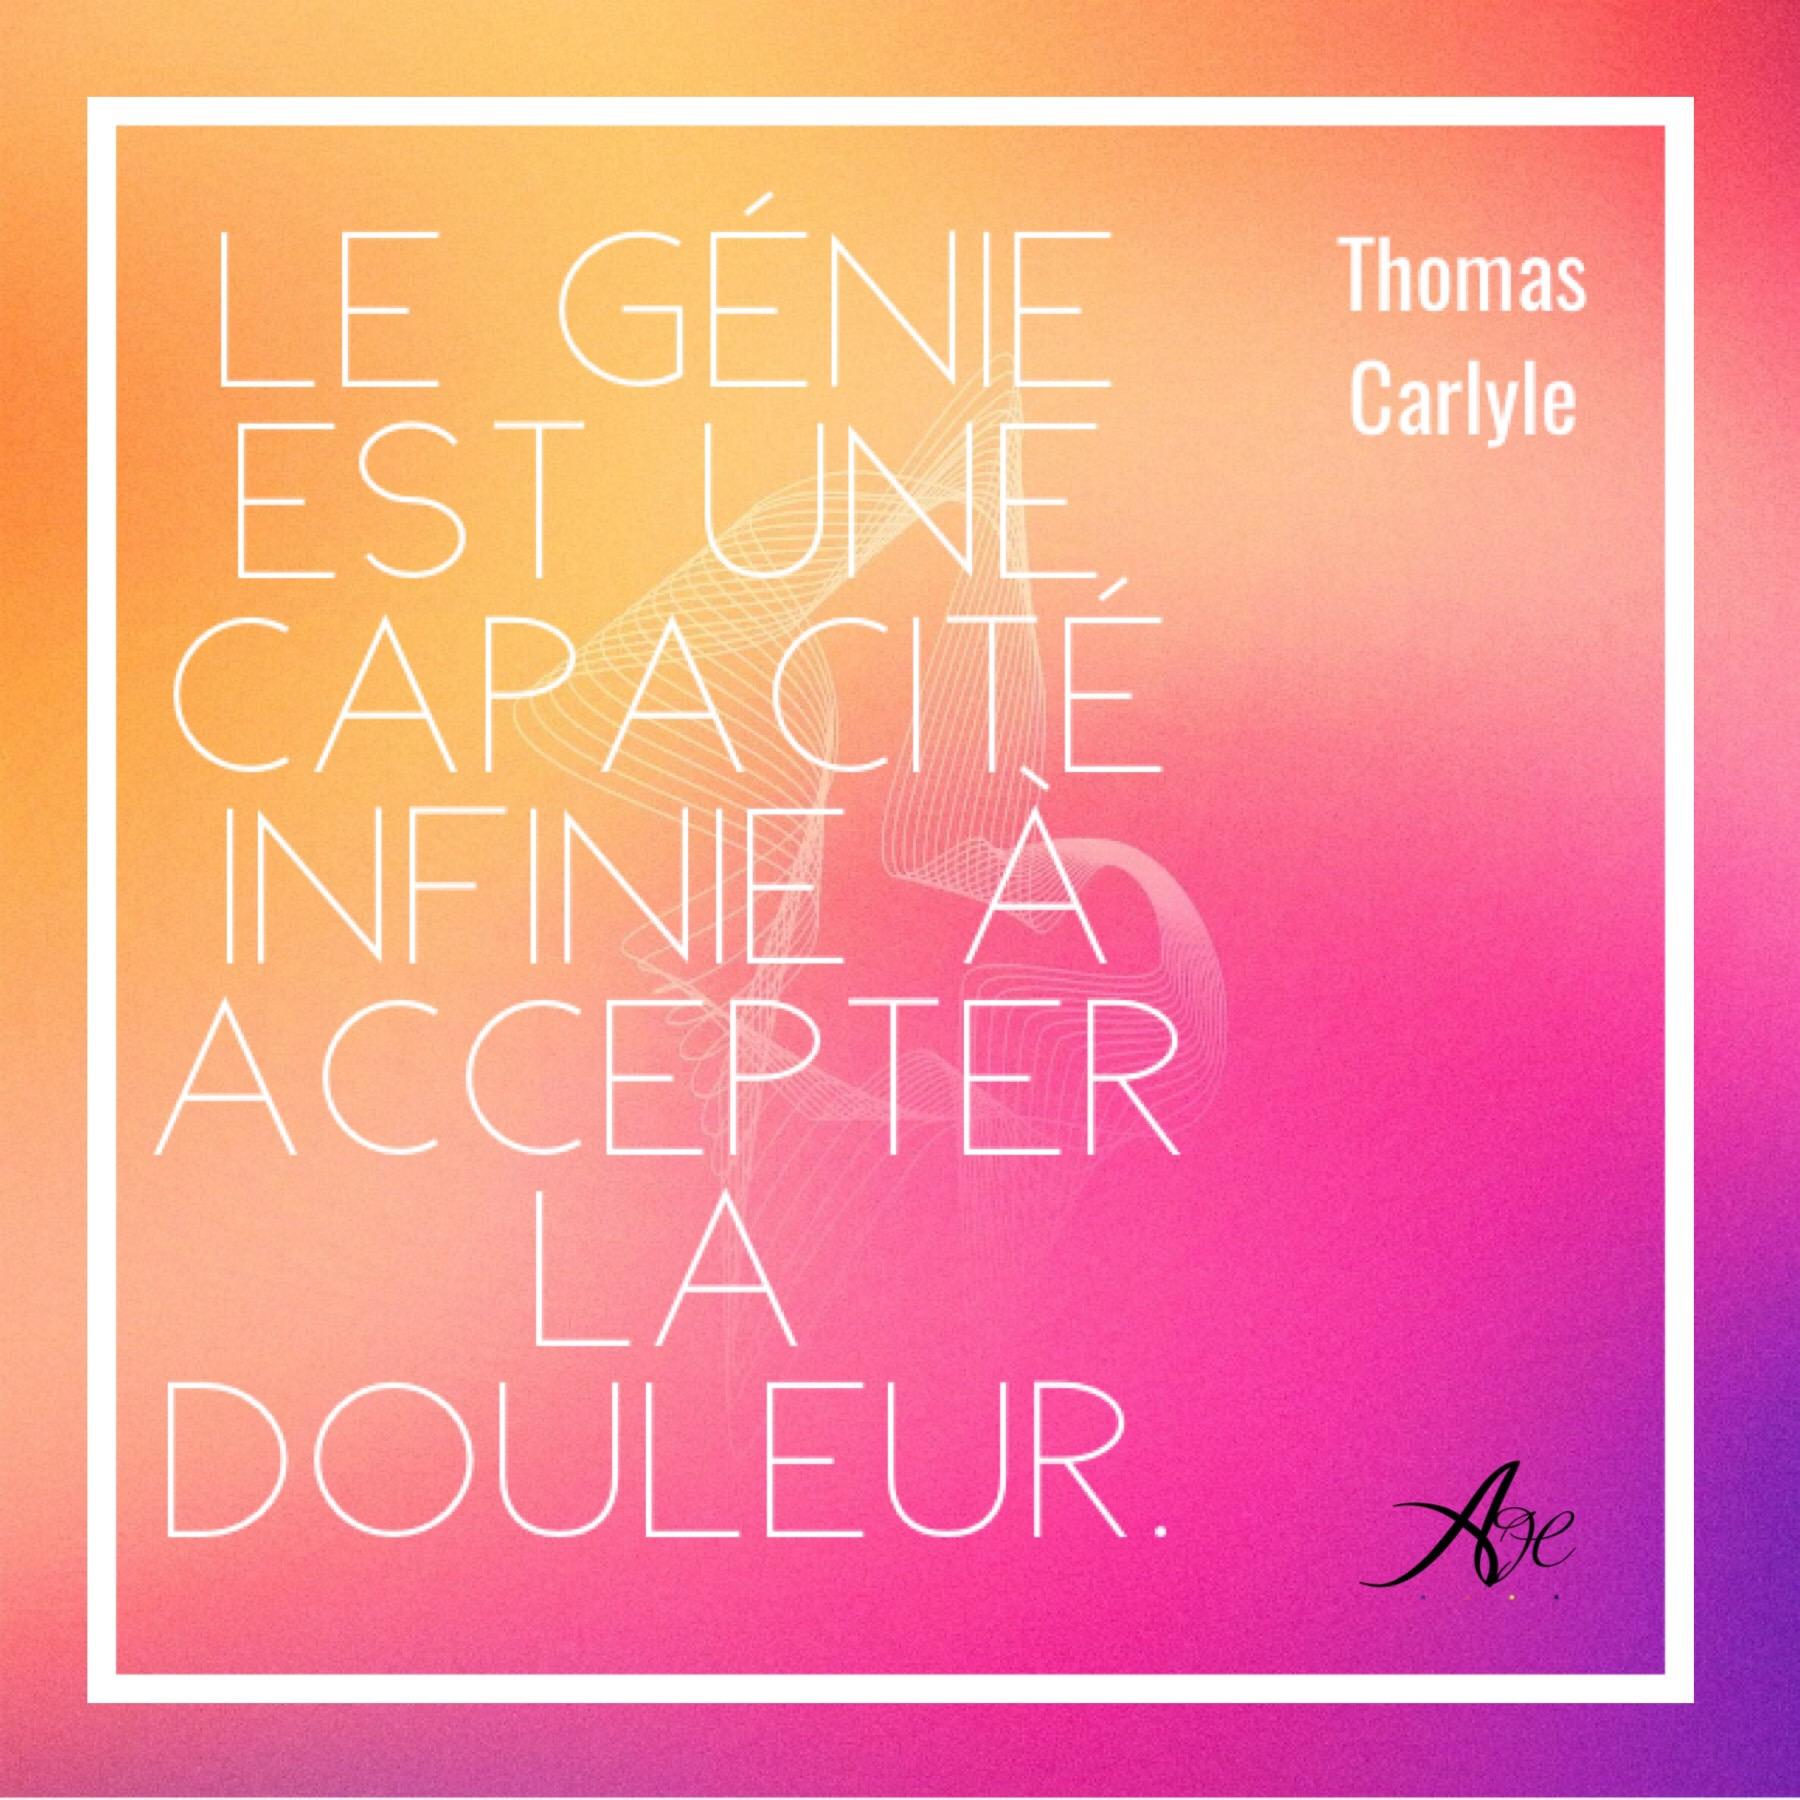 Selon Thomas Carlyle, le génie est une capacité infini à accepter la douleur dans les épreuves.